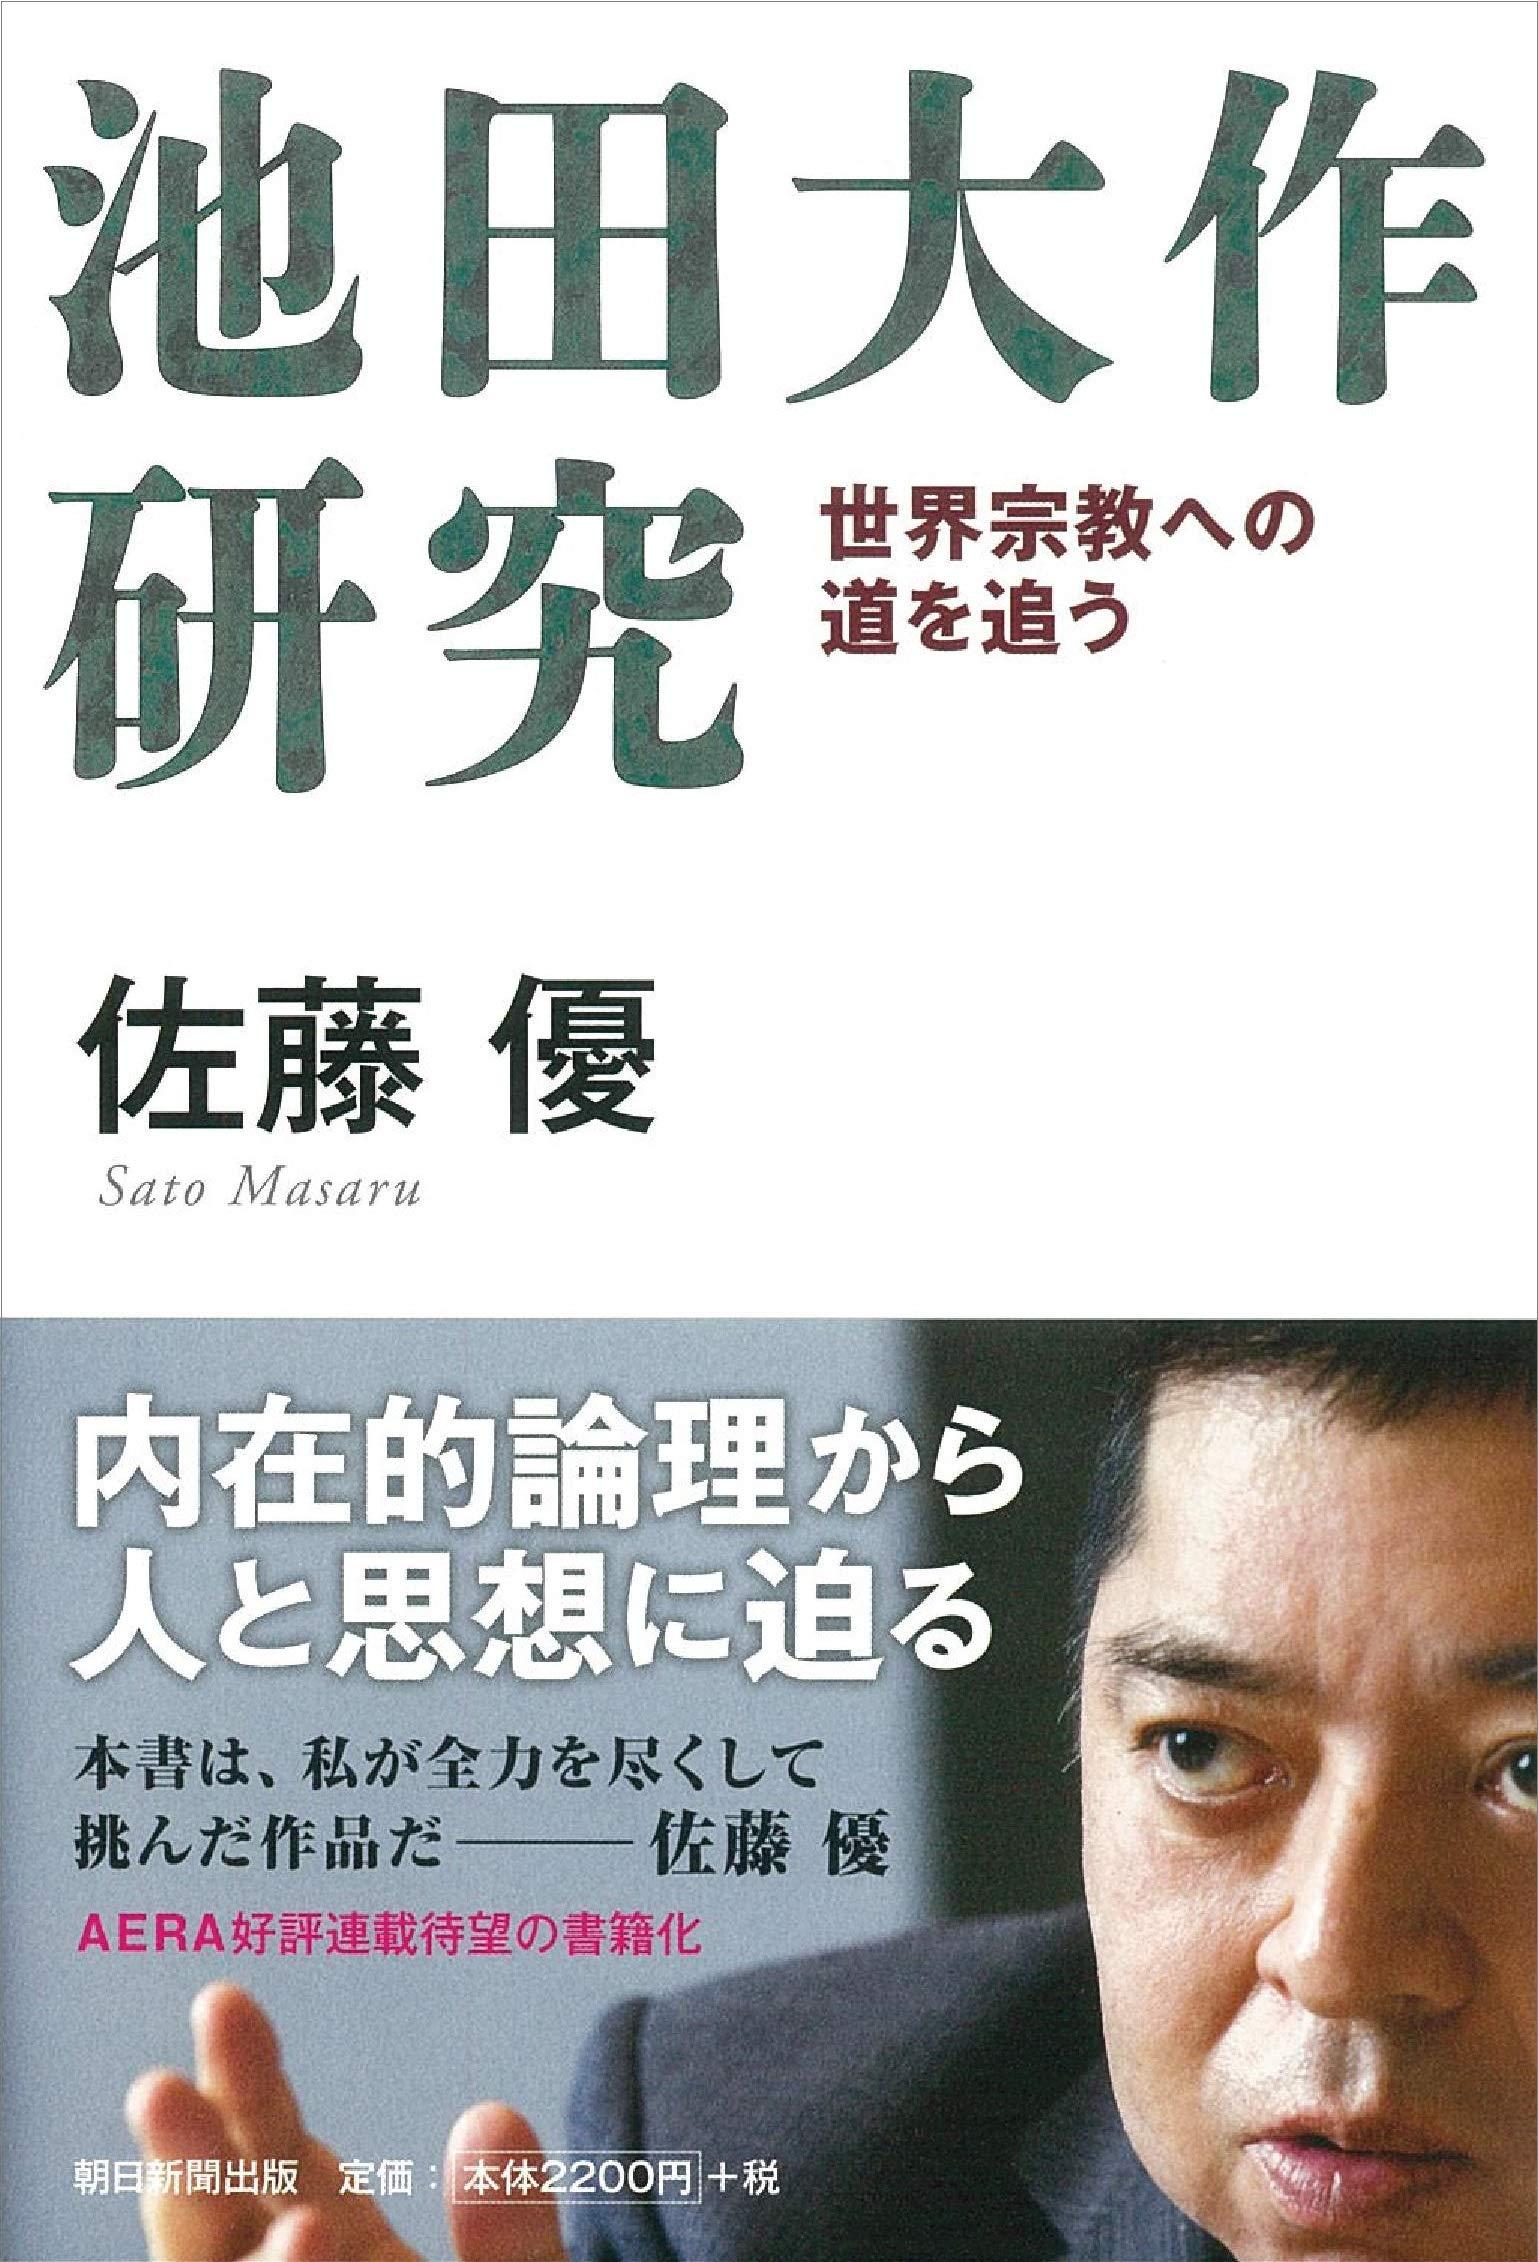 『池田大作研究 世界宗教への道を追う』